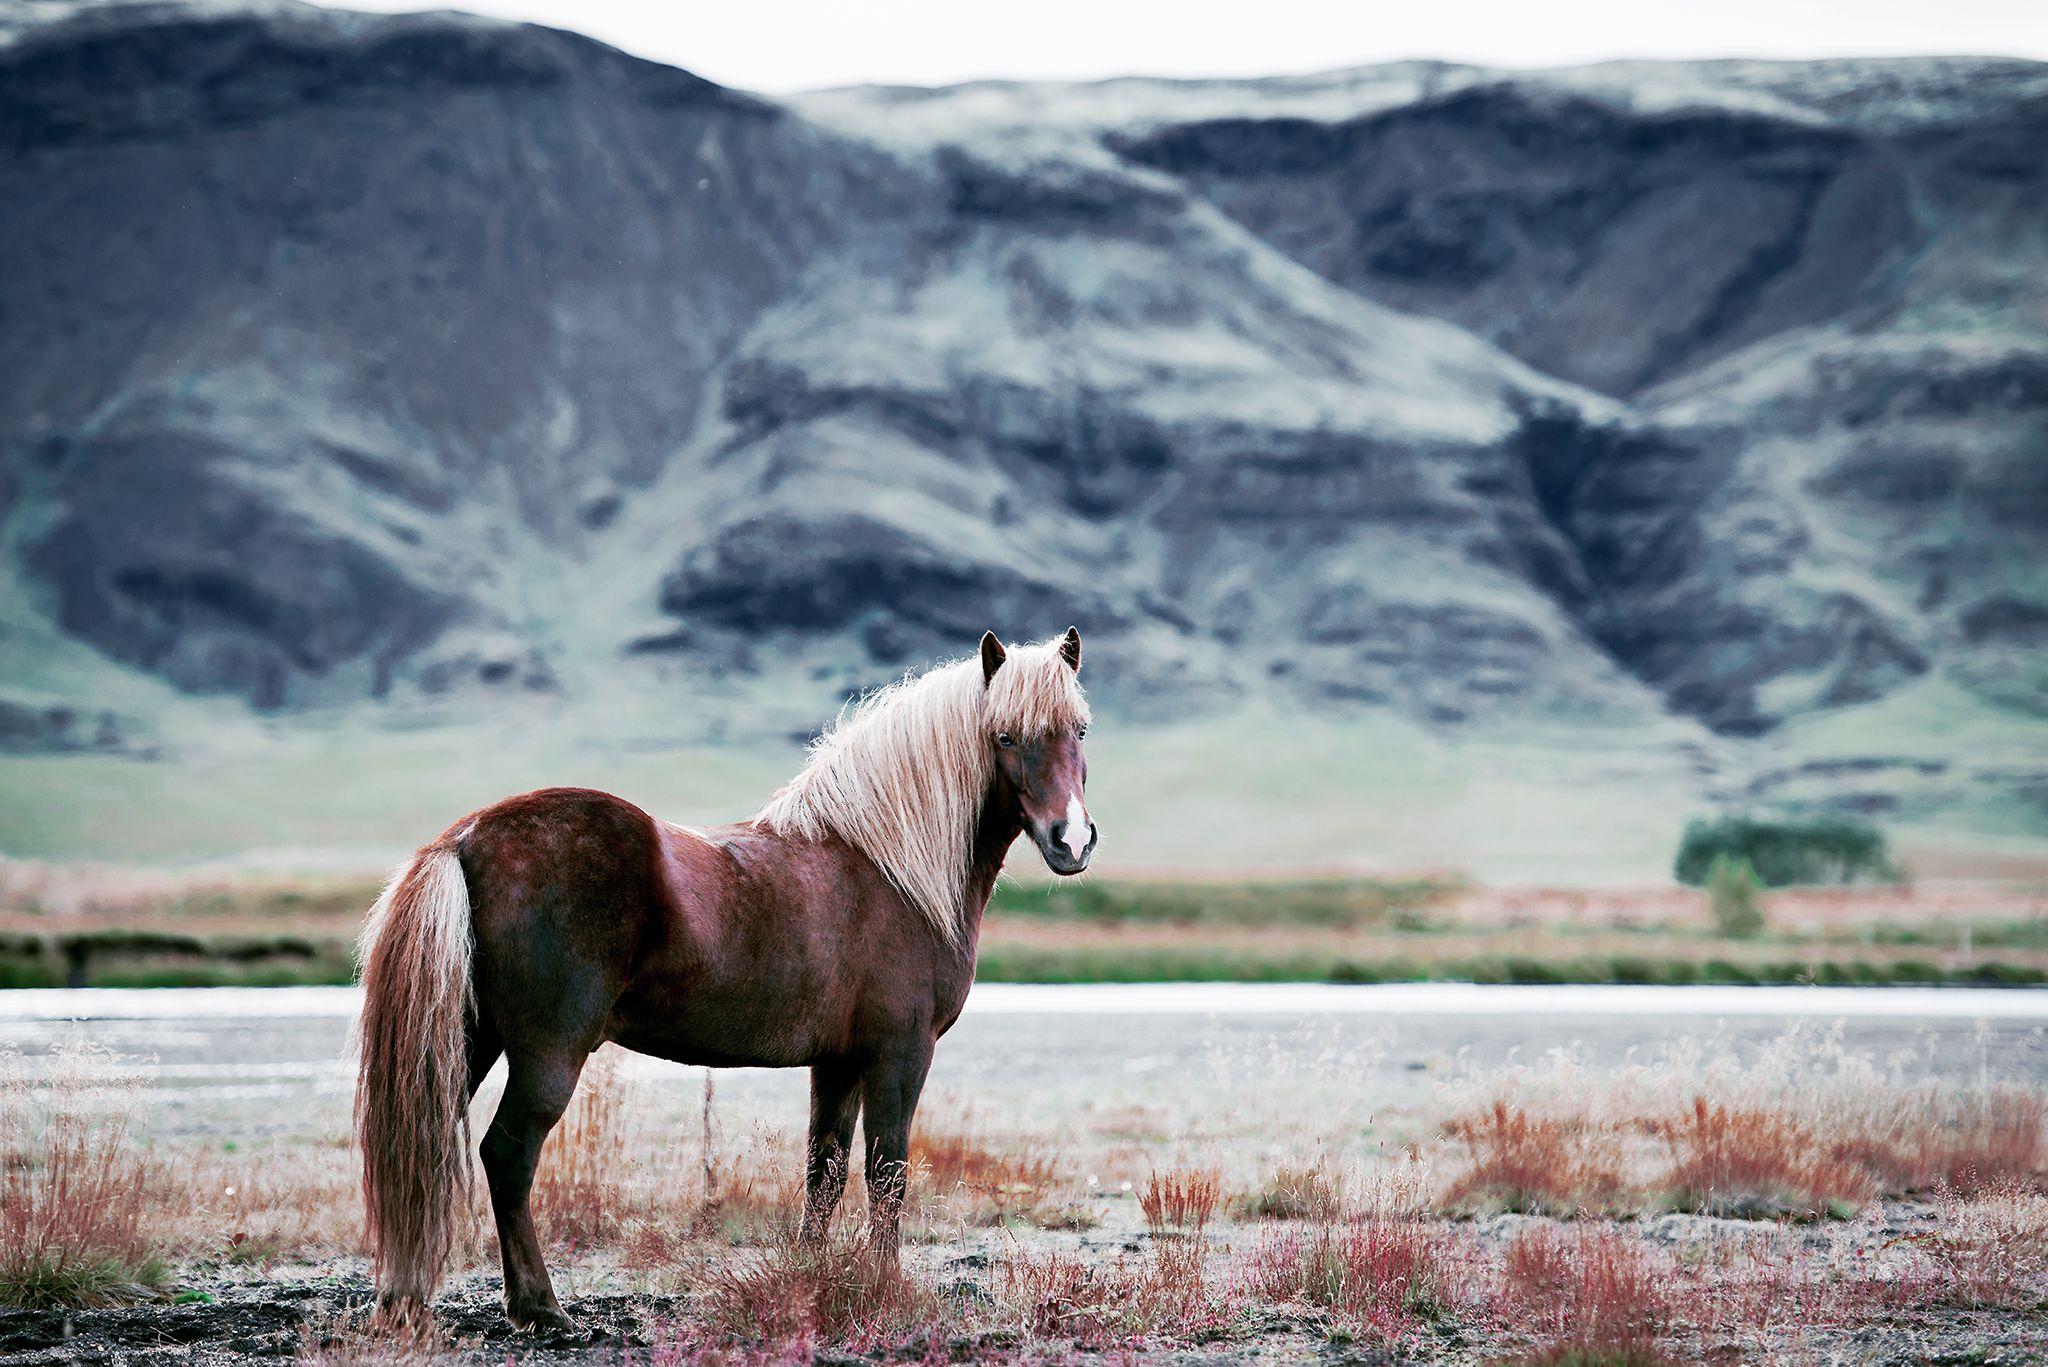 Fotos Pferde In Der Natur I Pferde Hubsche Pferde Pferde Fotografie